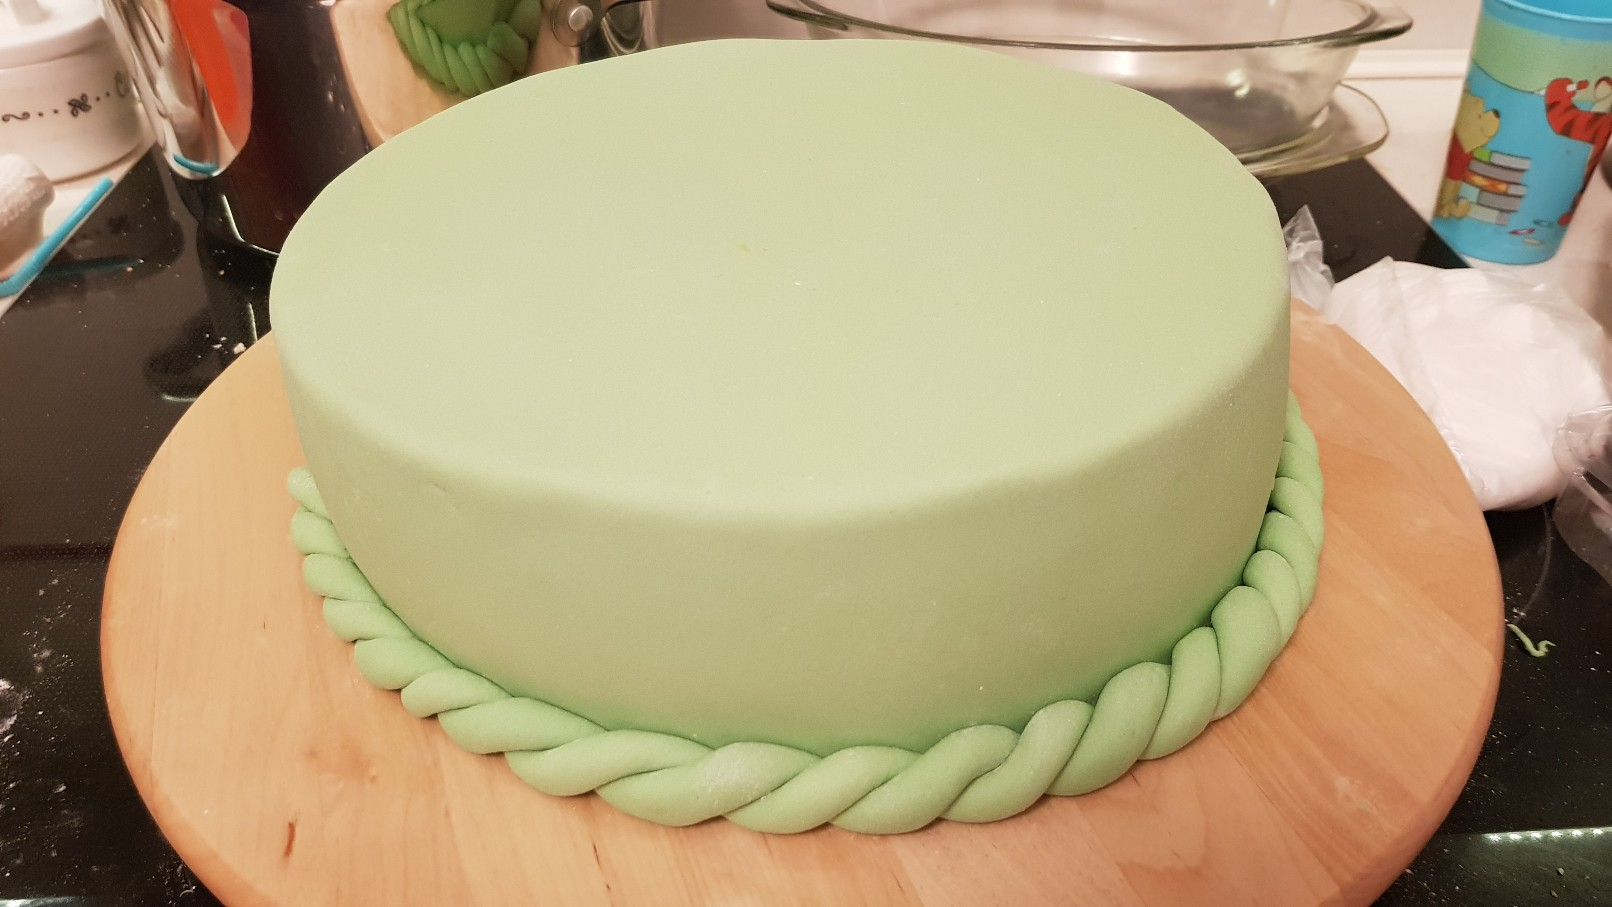 moana vaiana birthday cake step 2